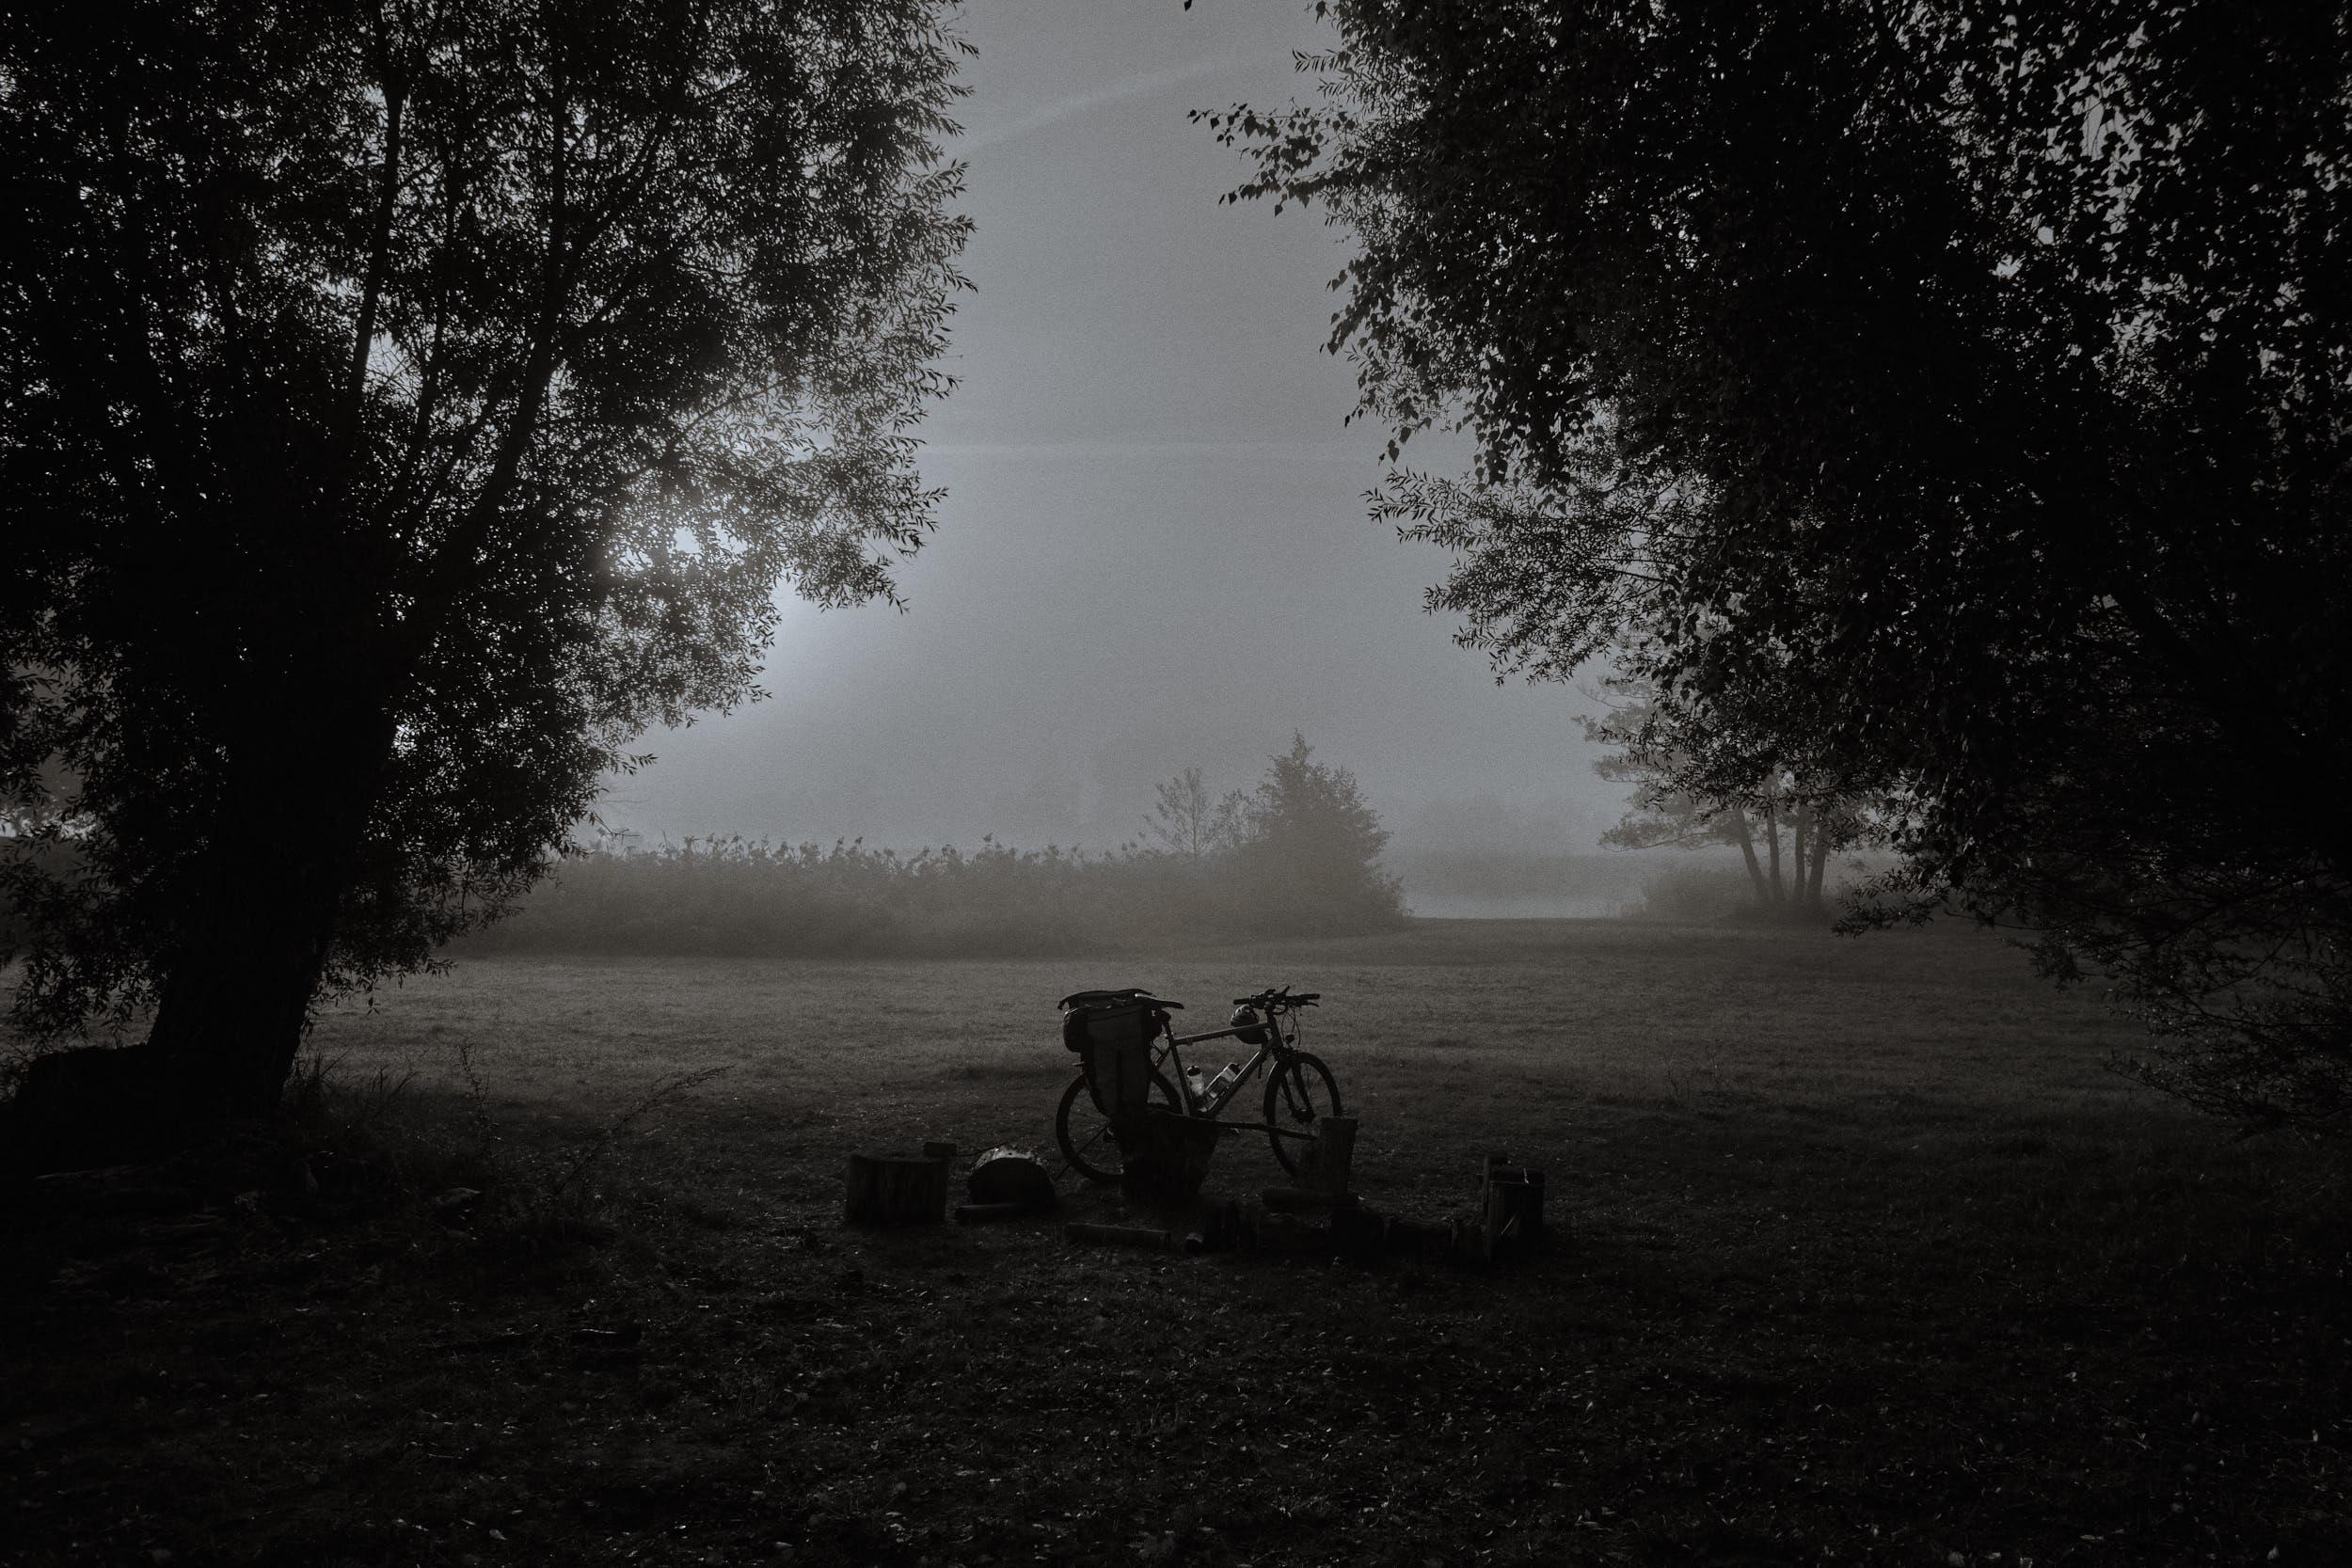 Septembermorgen an der Oder